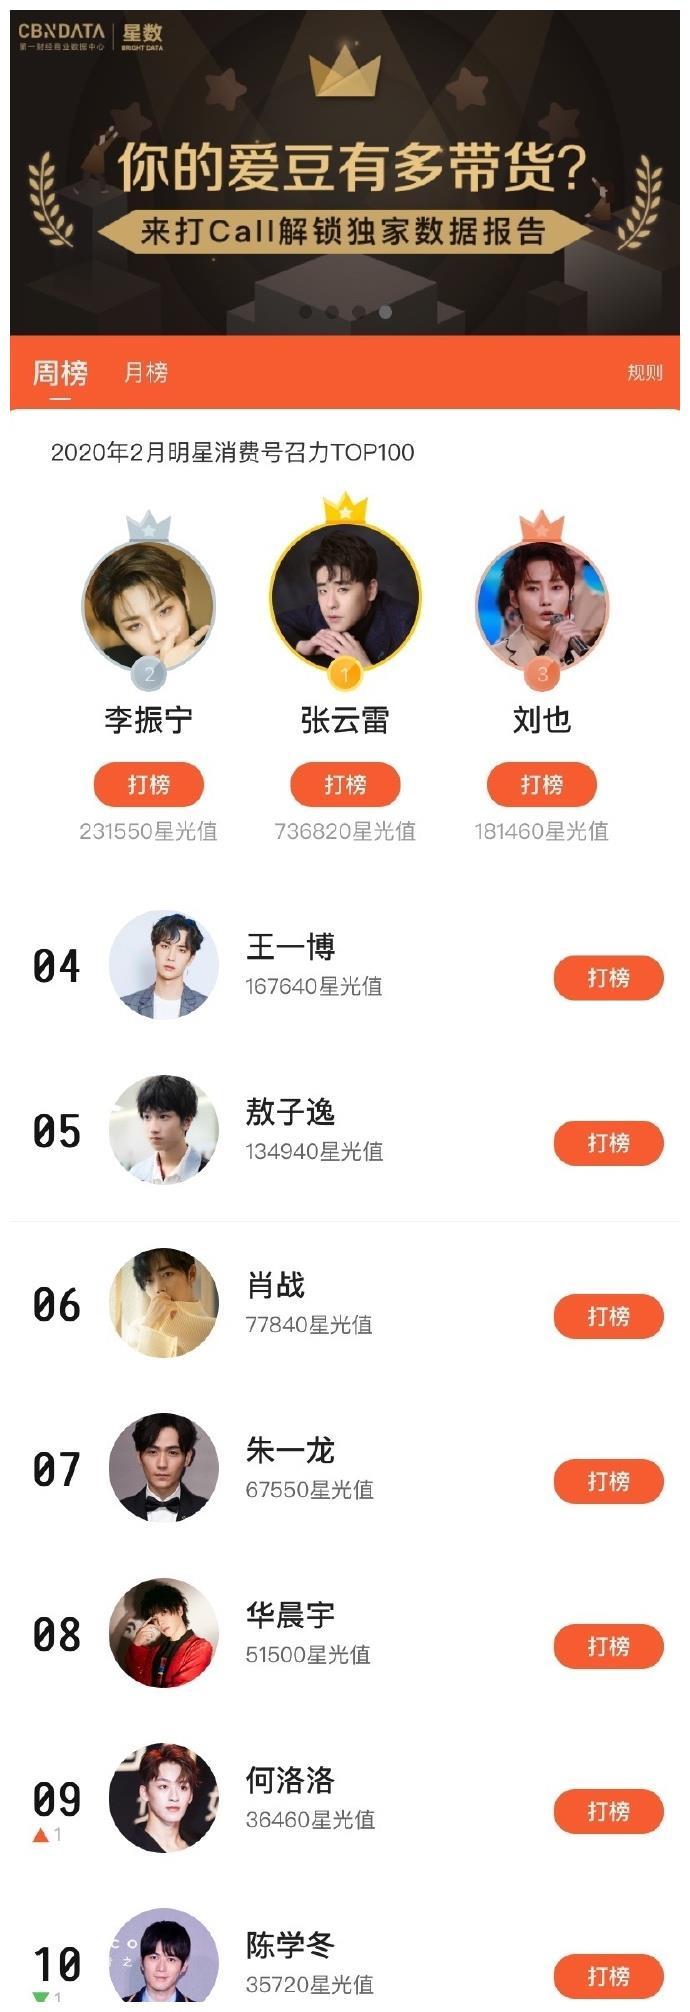 明星消费号召力:张云雷蝉联周冠军,王一博第四、肖战第六